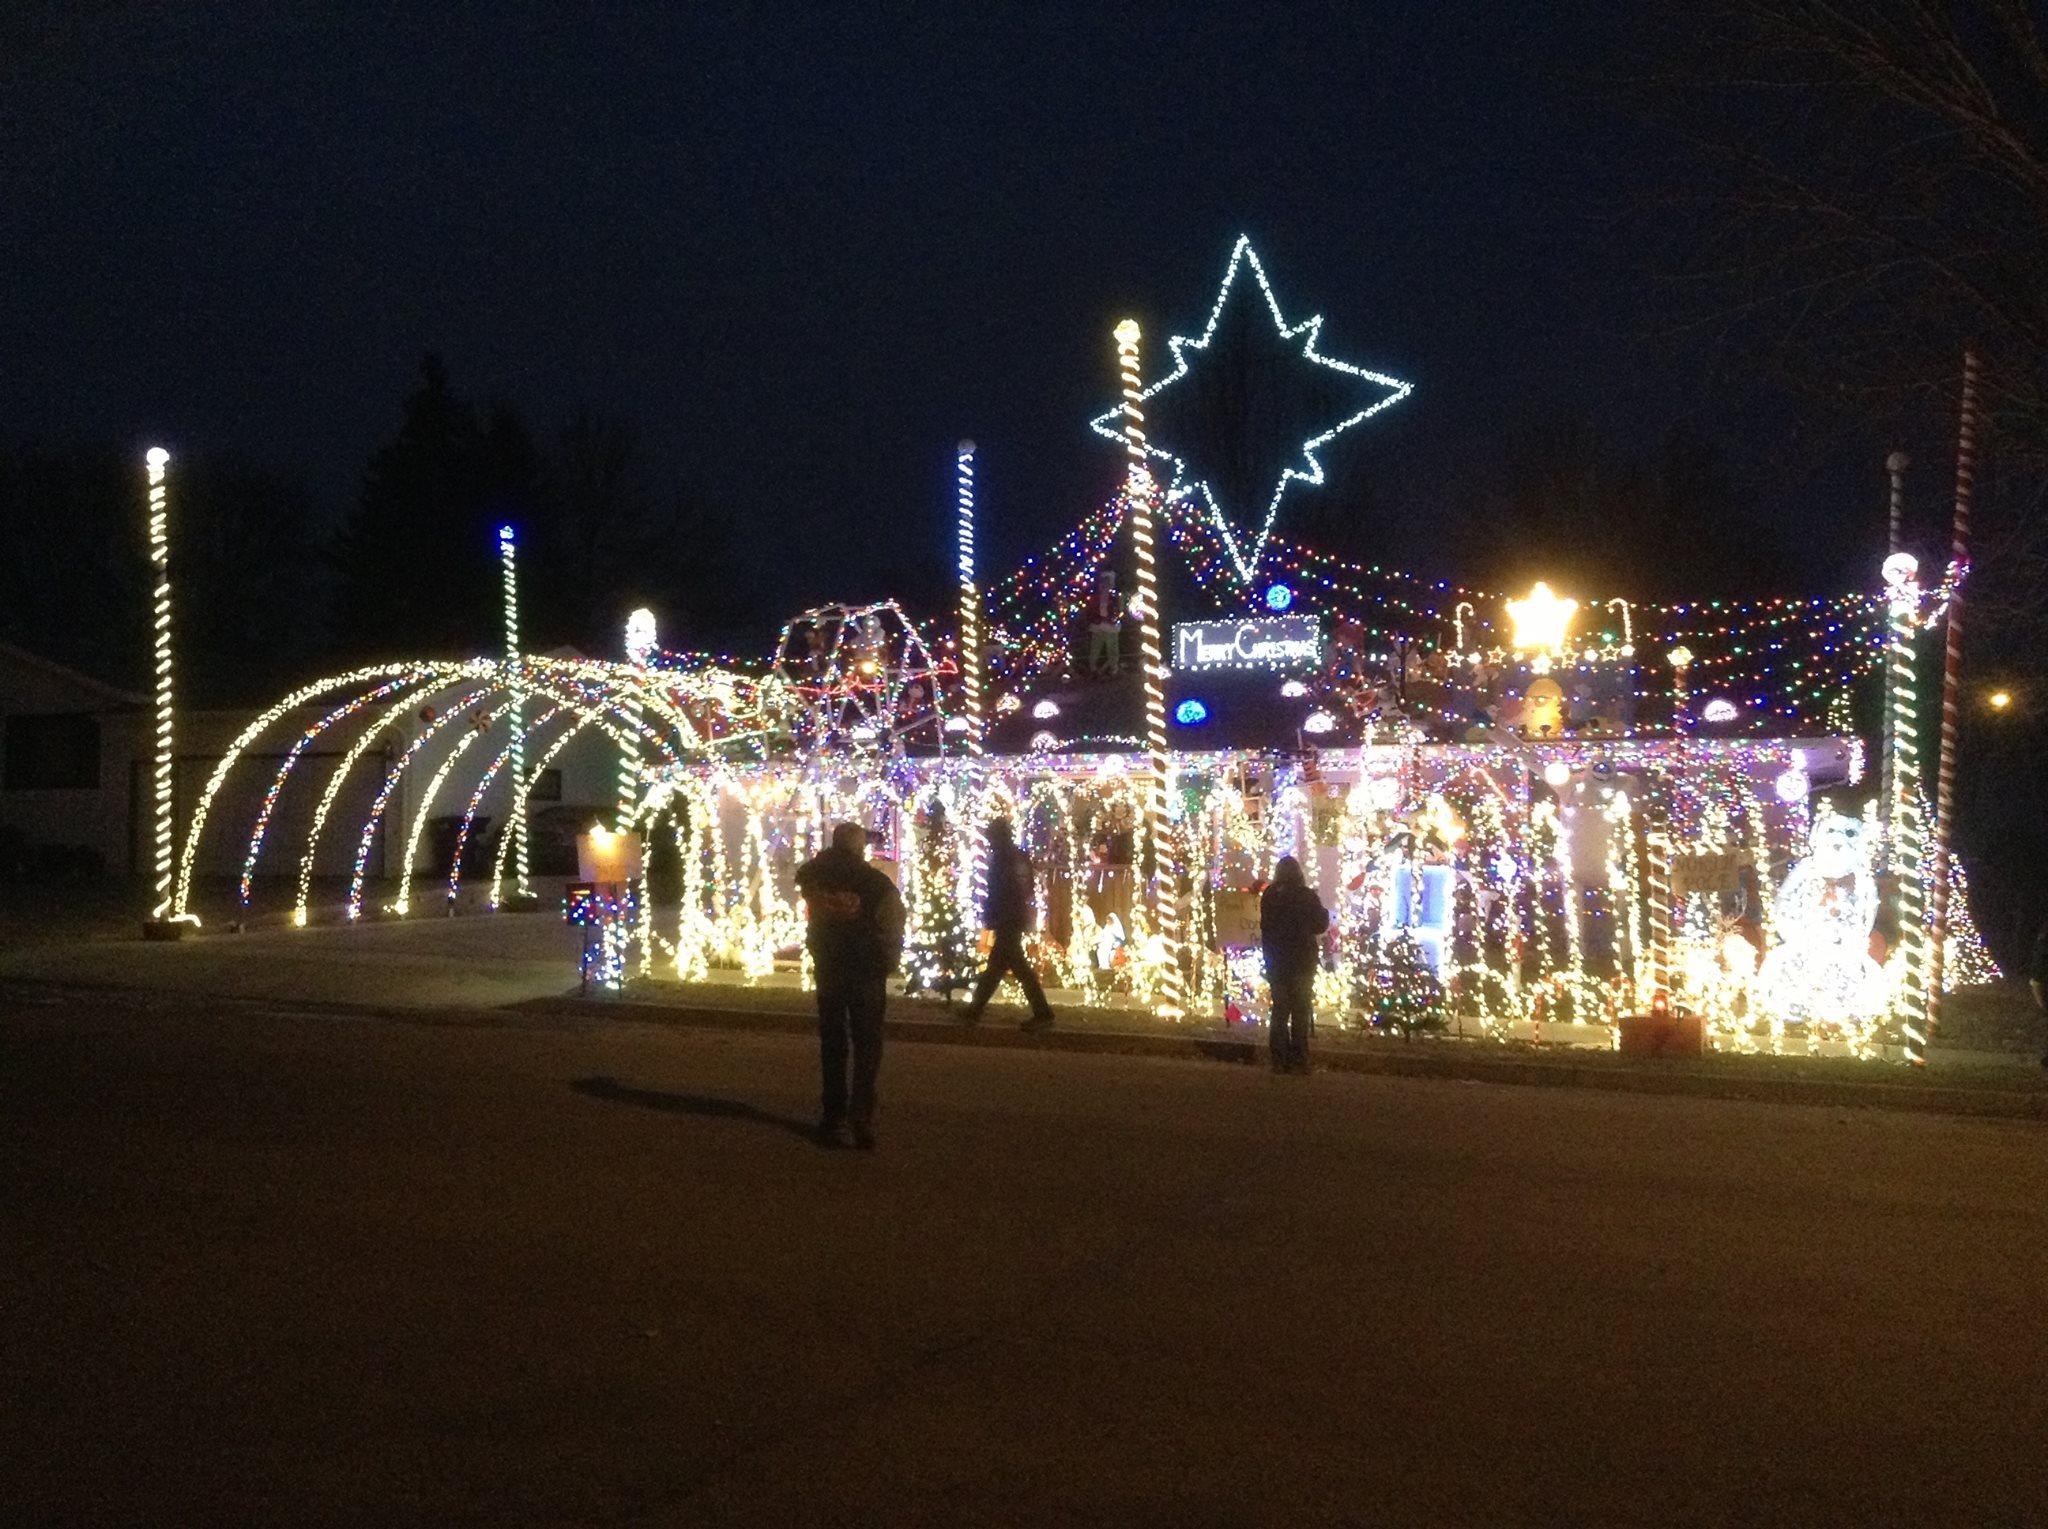 The Chmielewski S Christmas Corner Is A Christmas Display